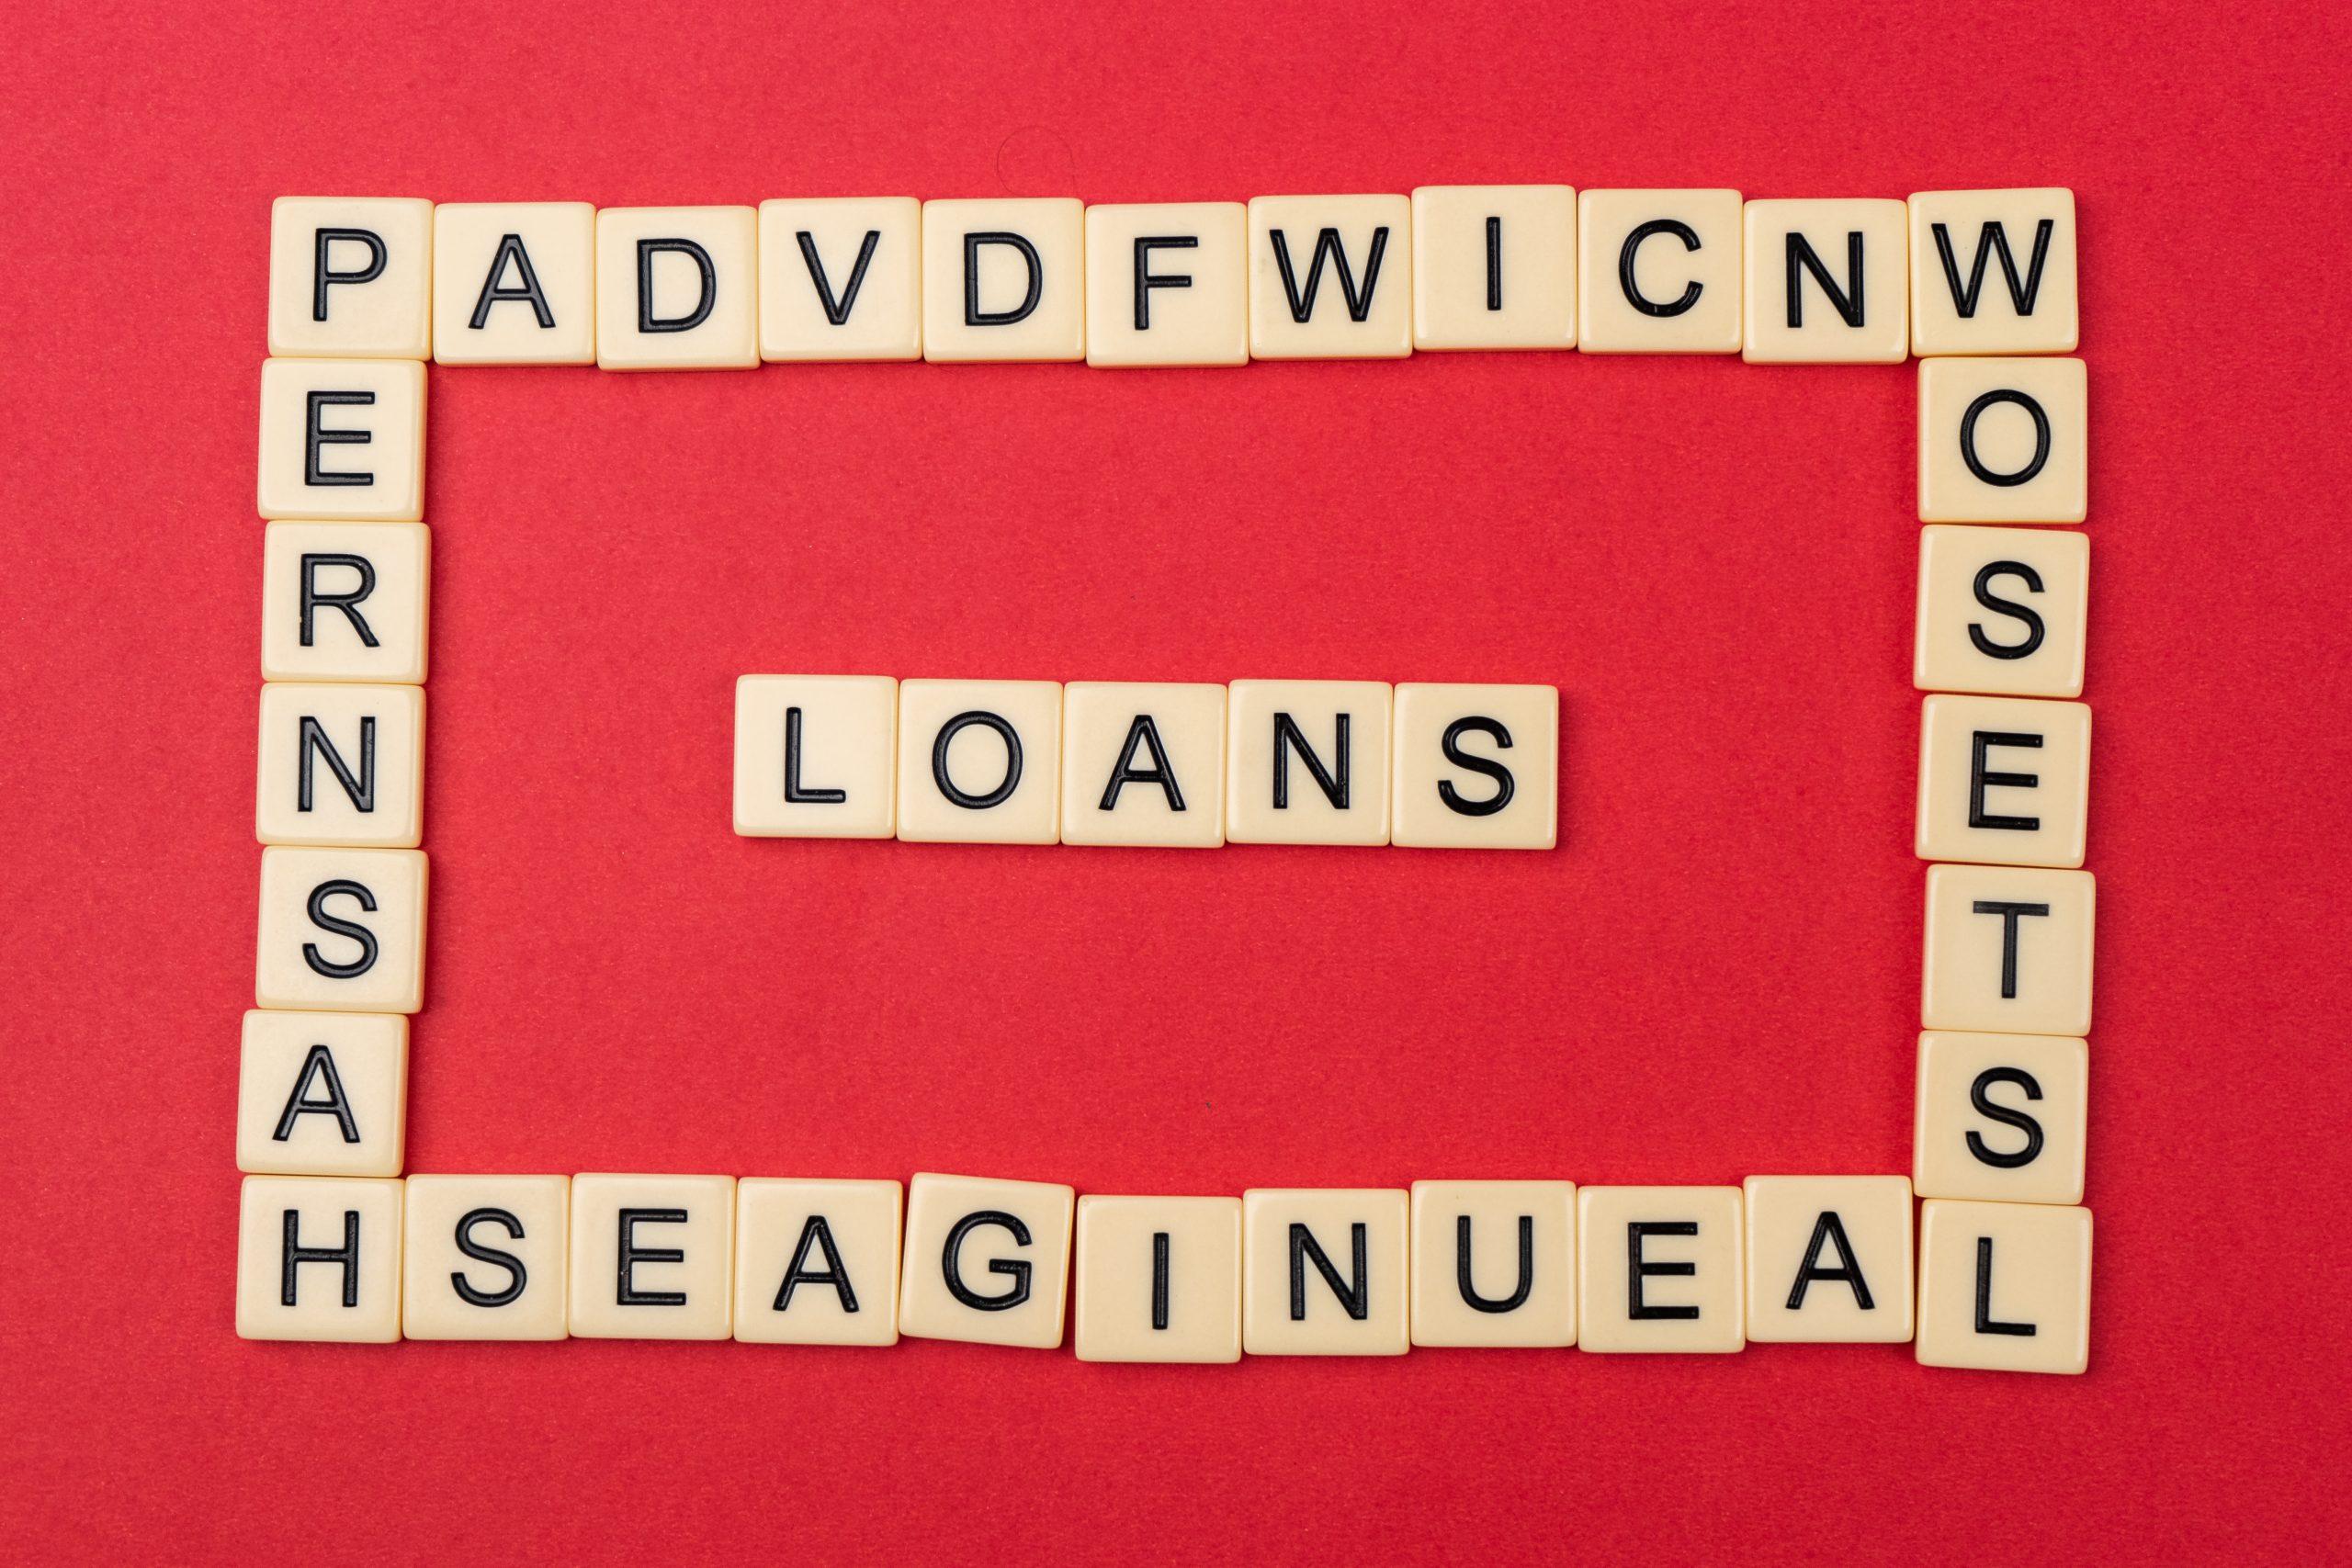 Loans written on scrabble